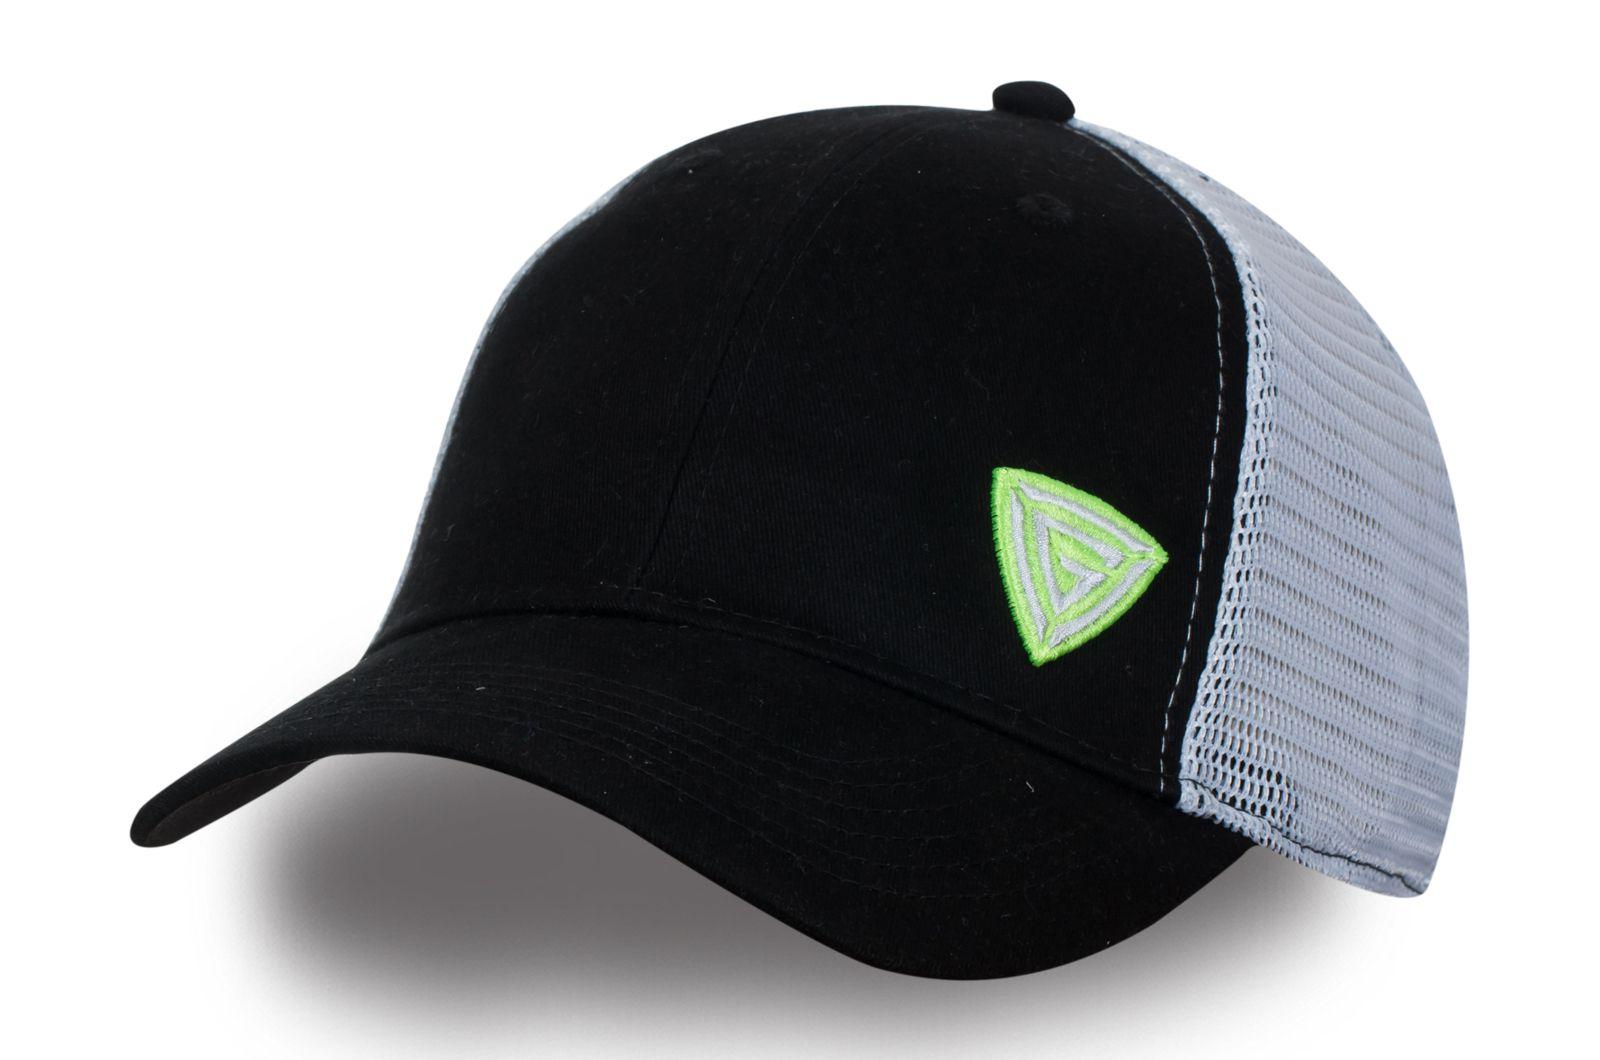 Бейсболка с логотипом - купить в интернет-магазине